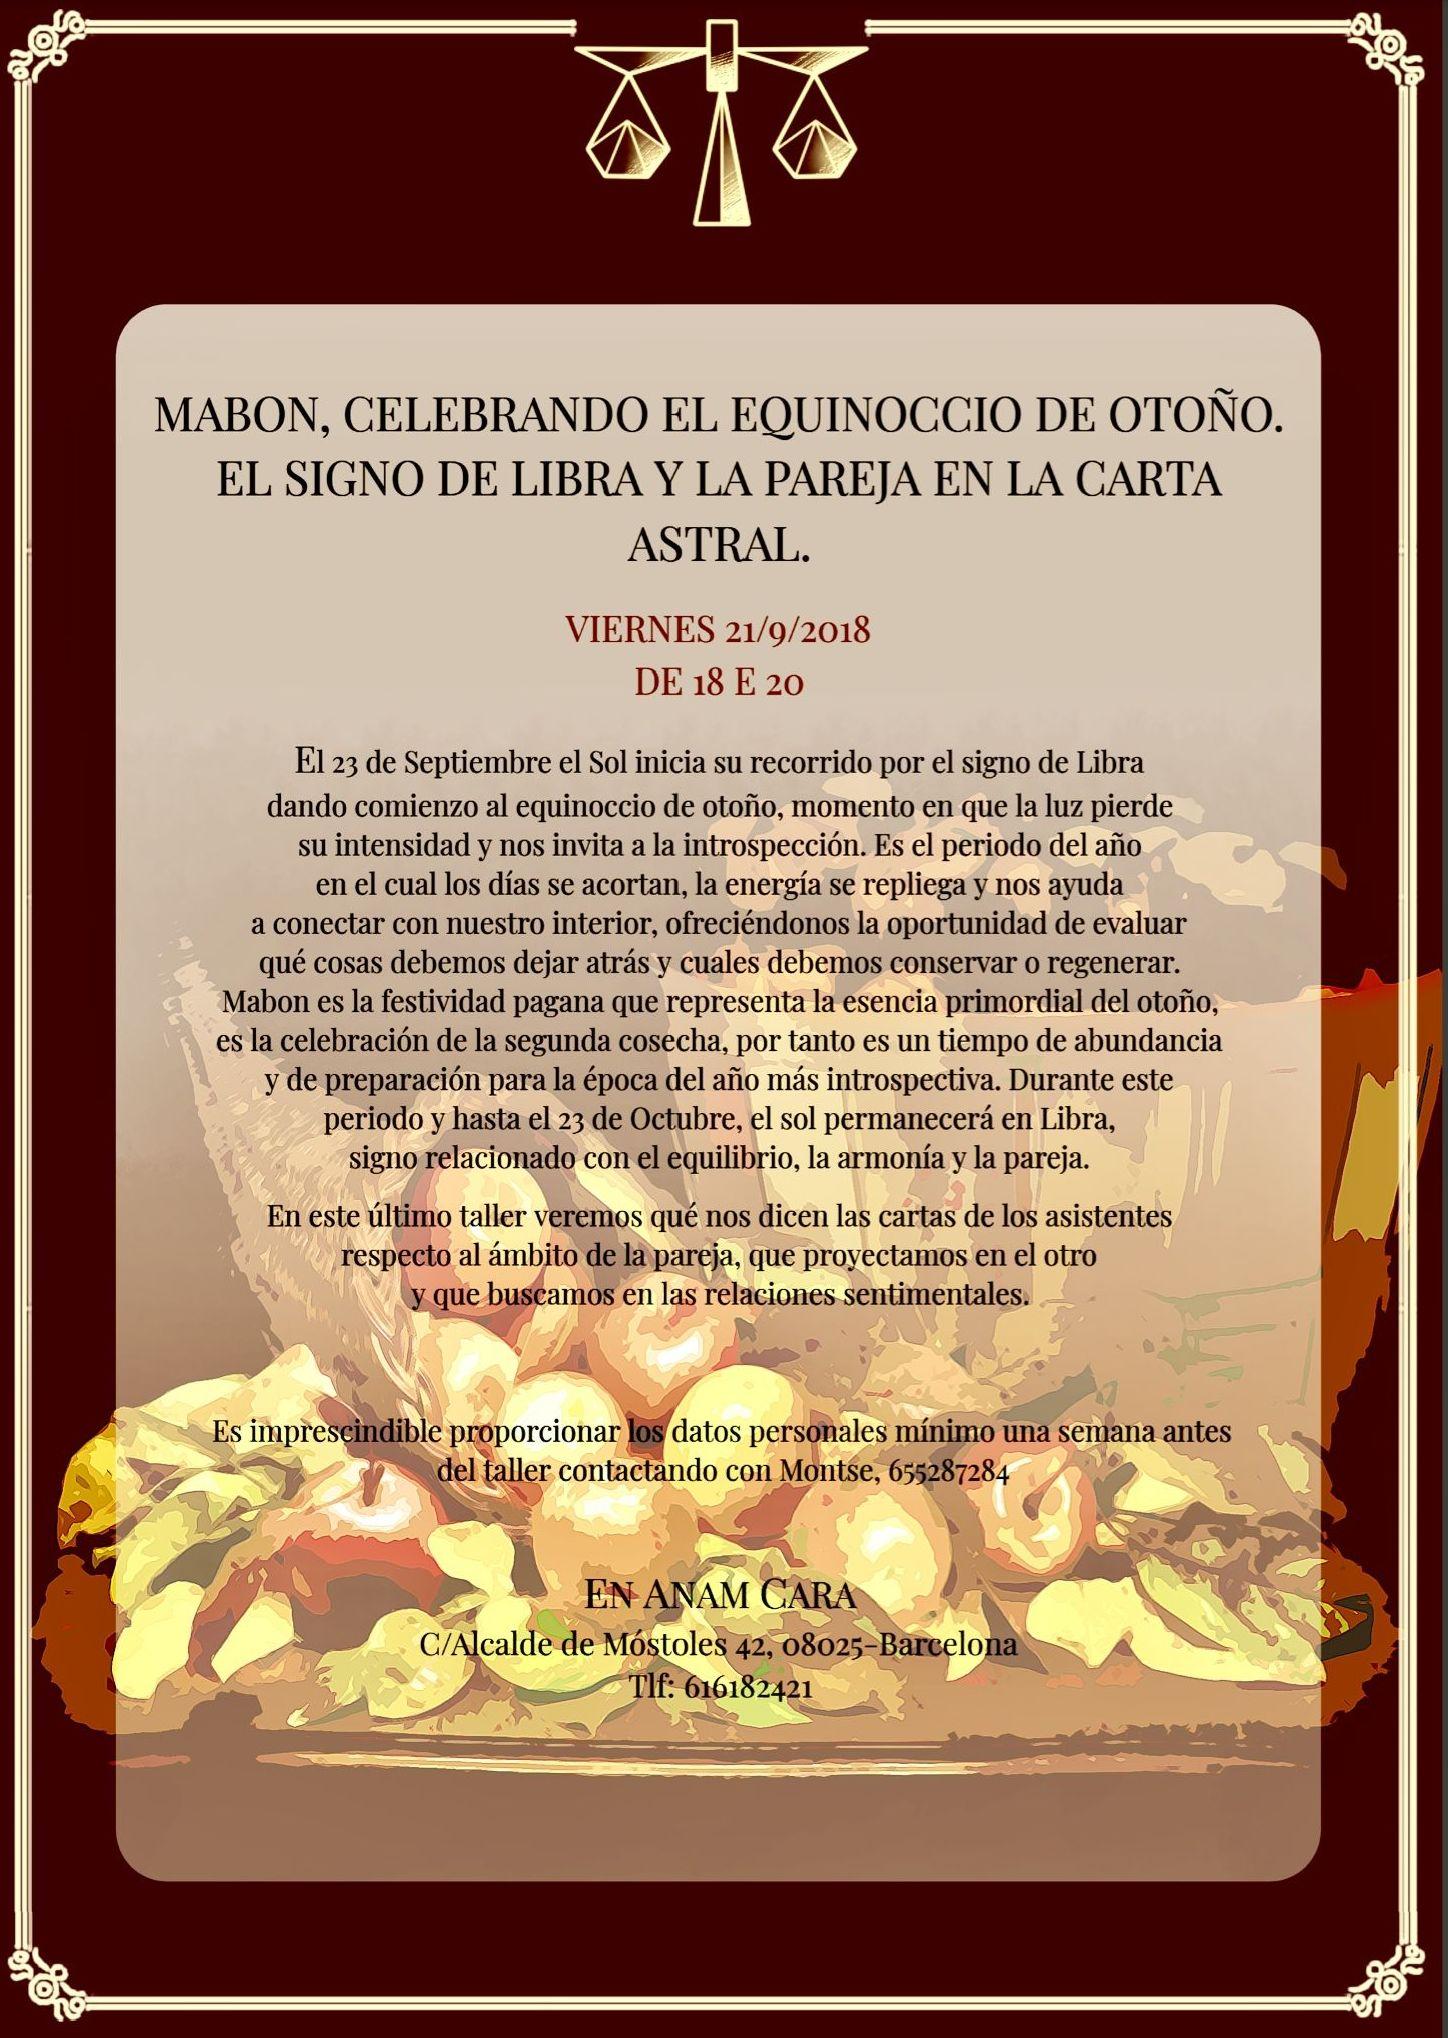 MABON, celebrando el equinoccio de otoño. El signo de Libra y la pareja en la carta astral.